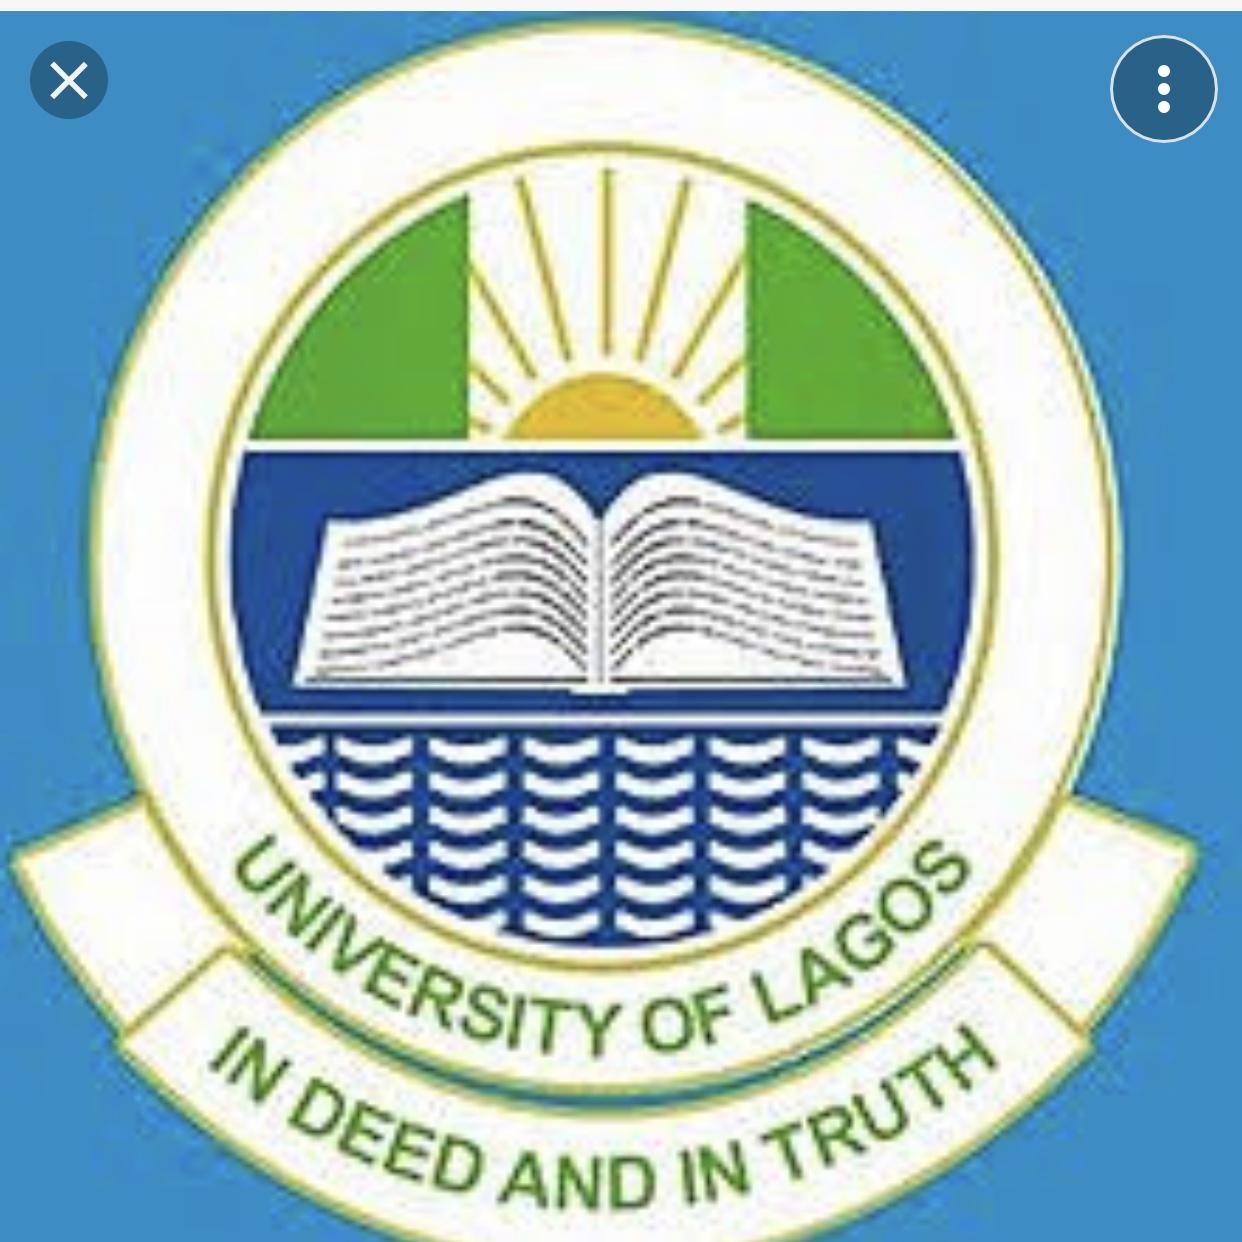 logo university of lagos unilag